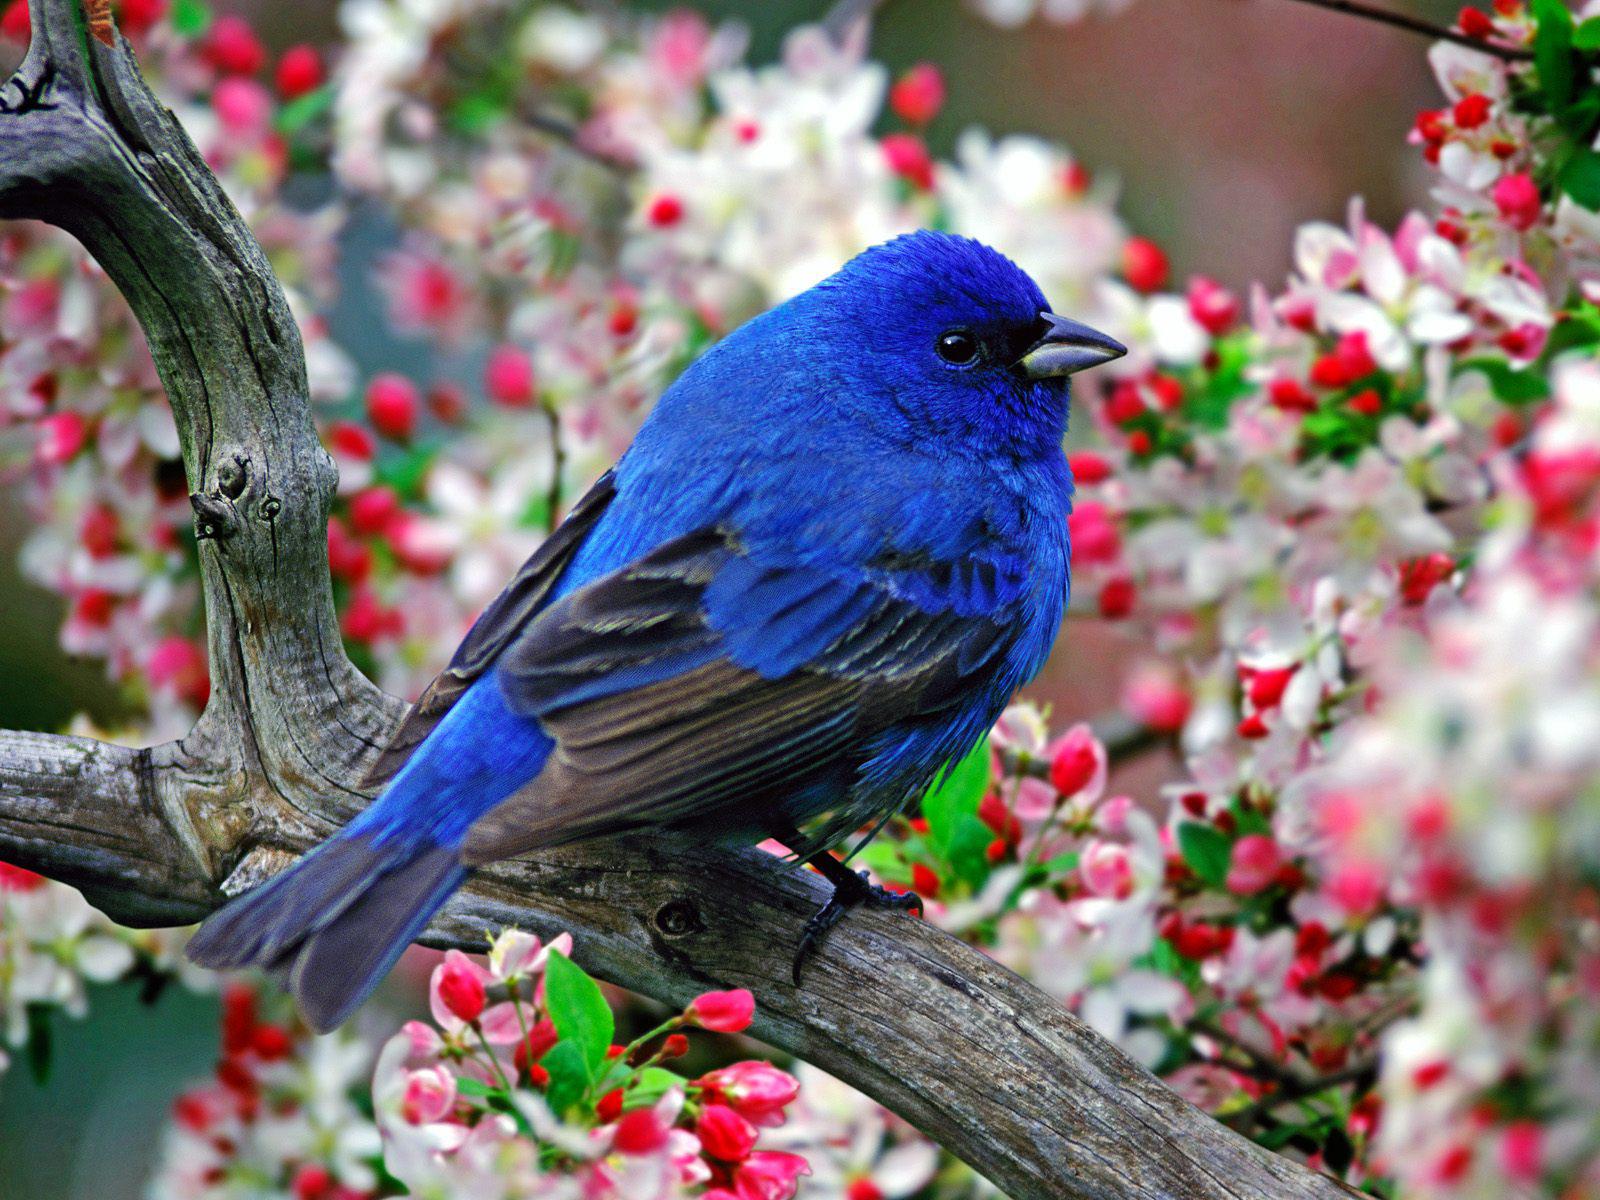 Fondos De Pantalla De Quikis: Fondos De Pantalla De Pájaros